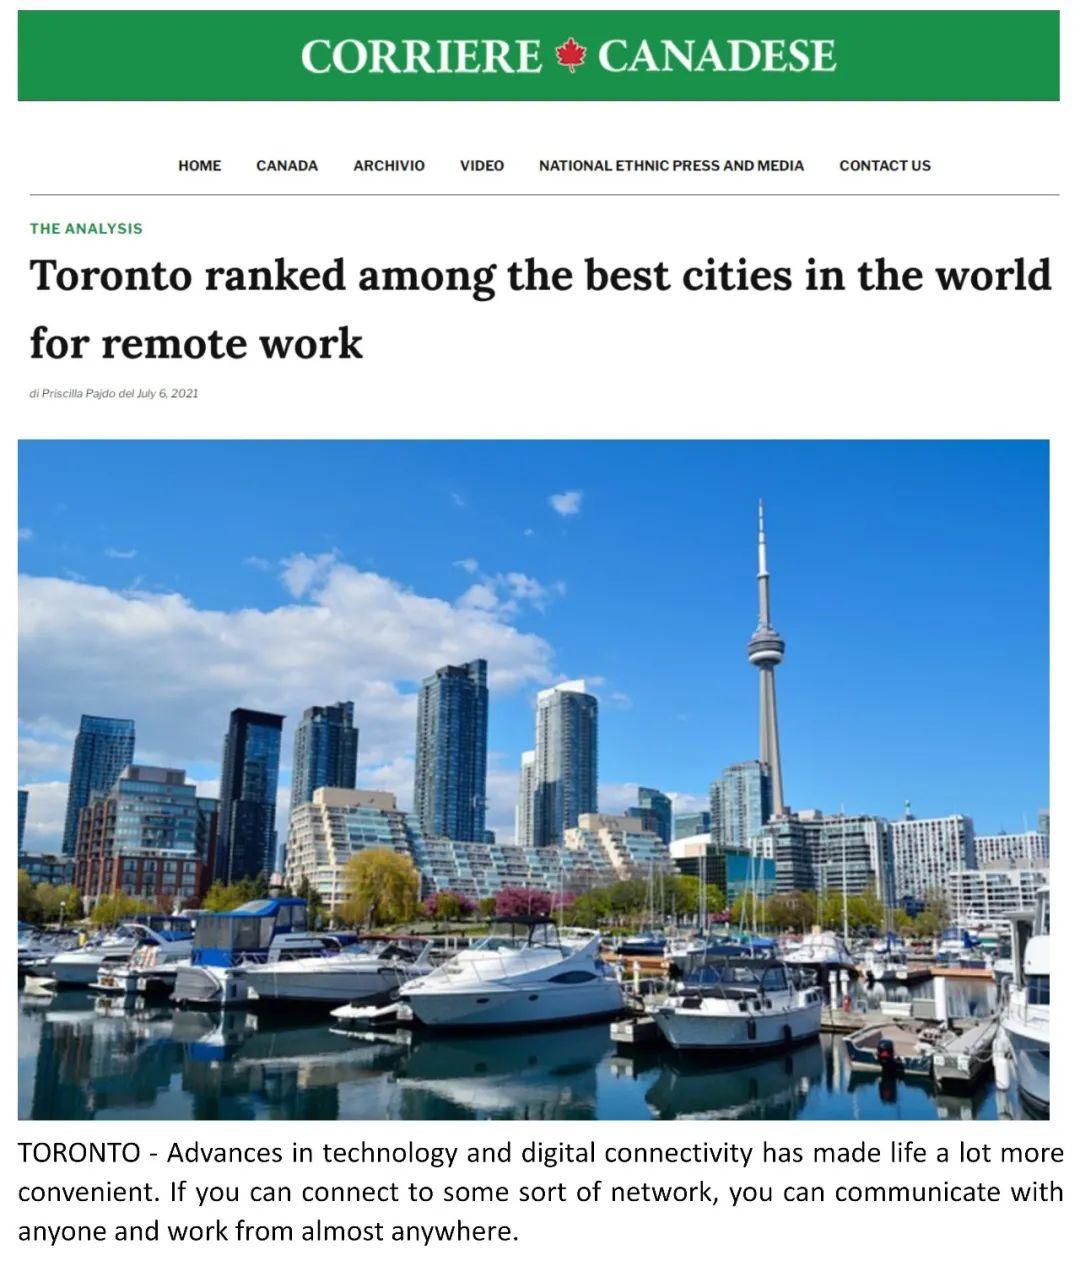 全球最适宜居家工作城市排名:多伦多位居前列